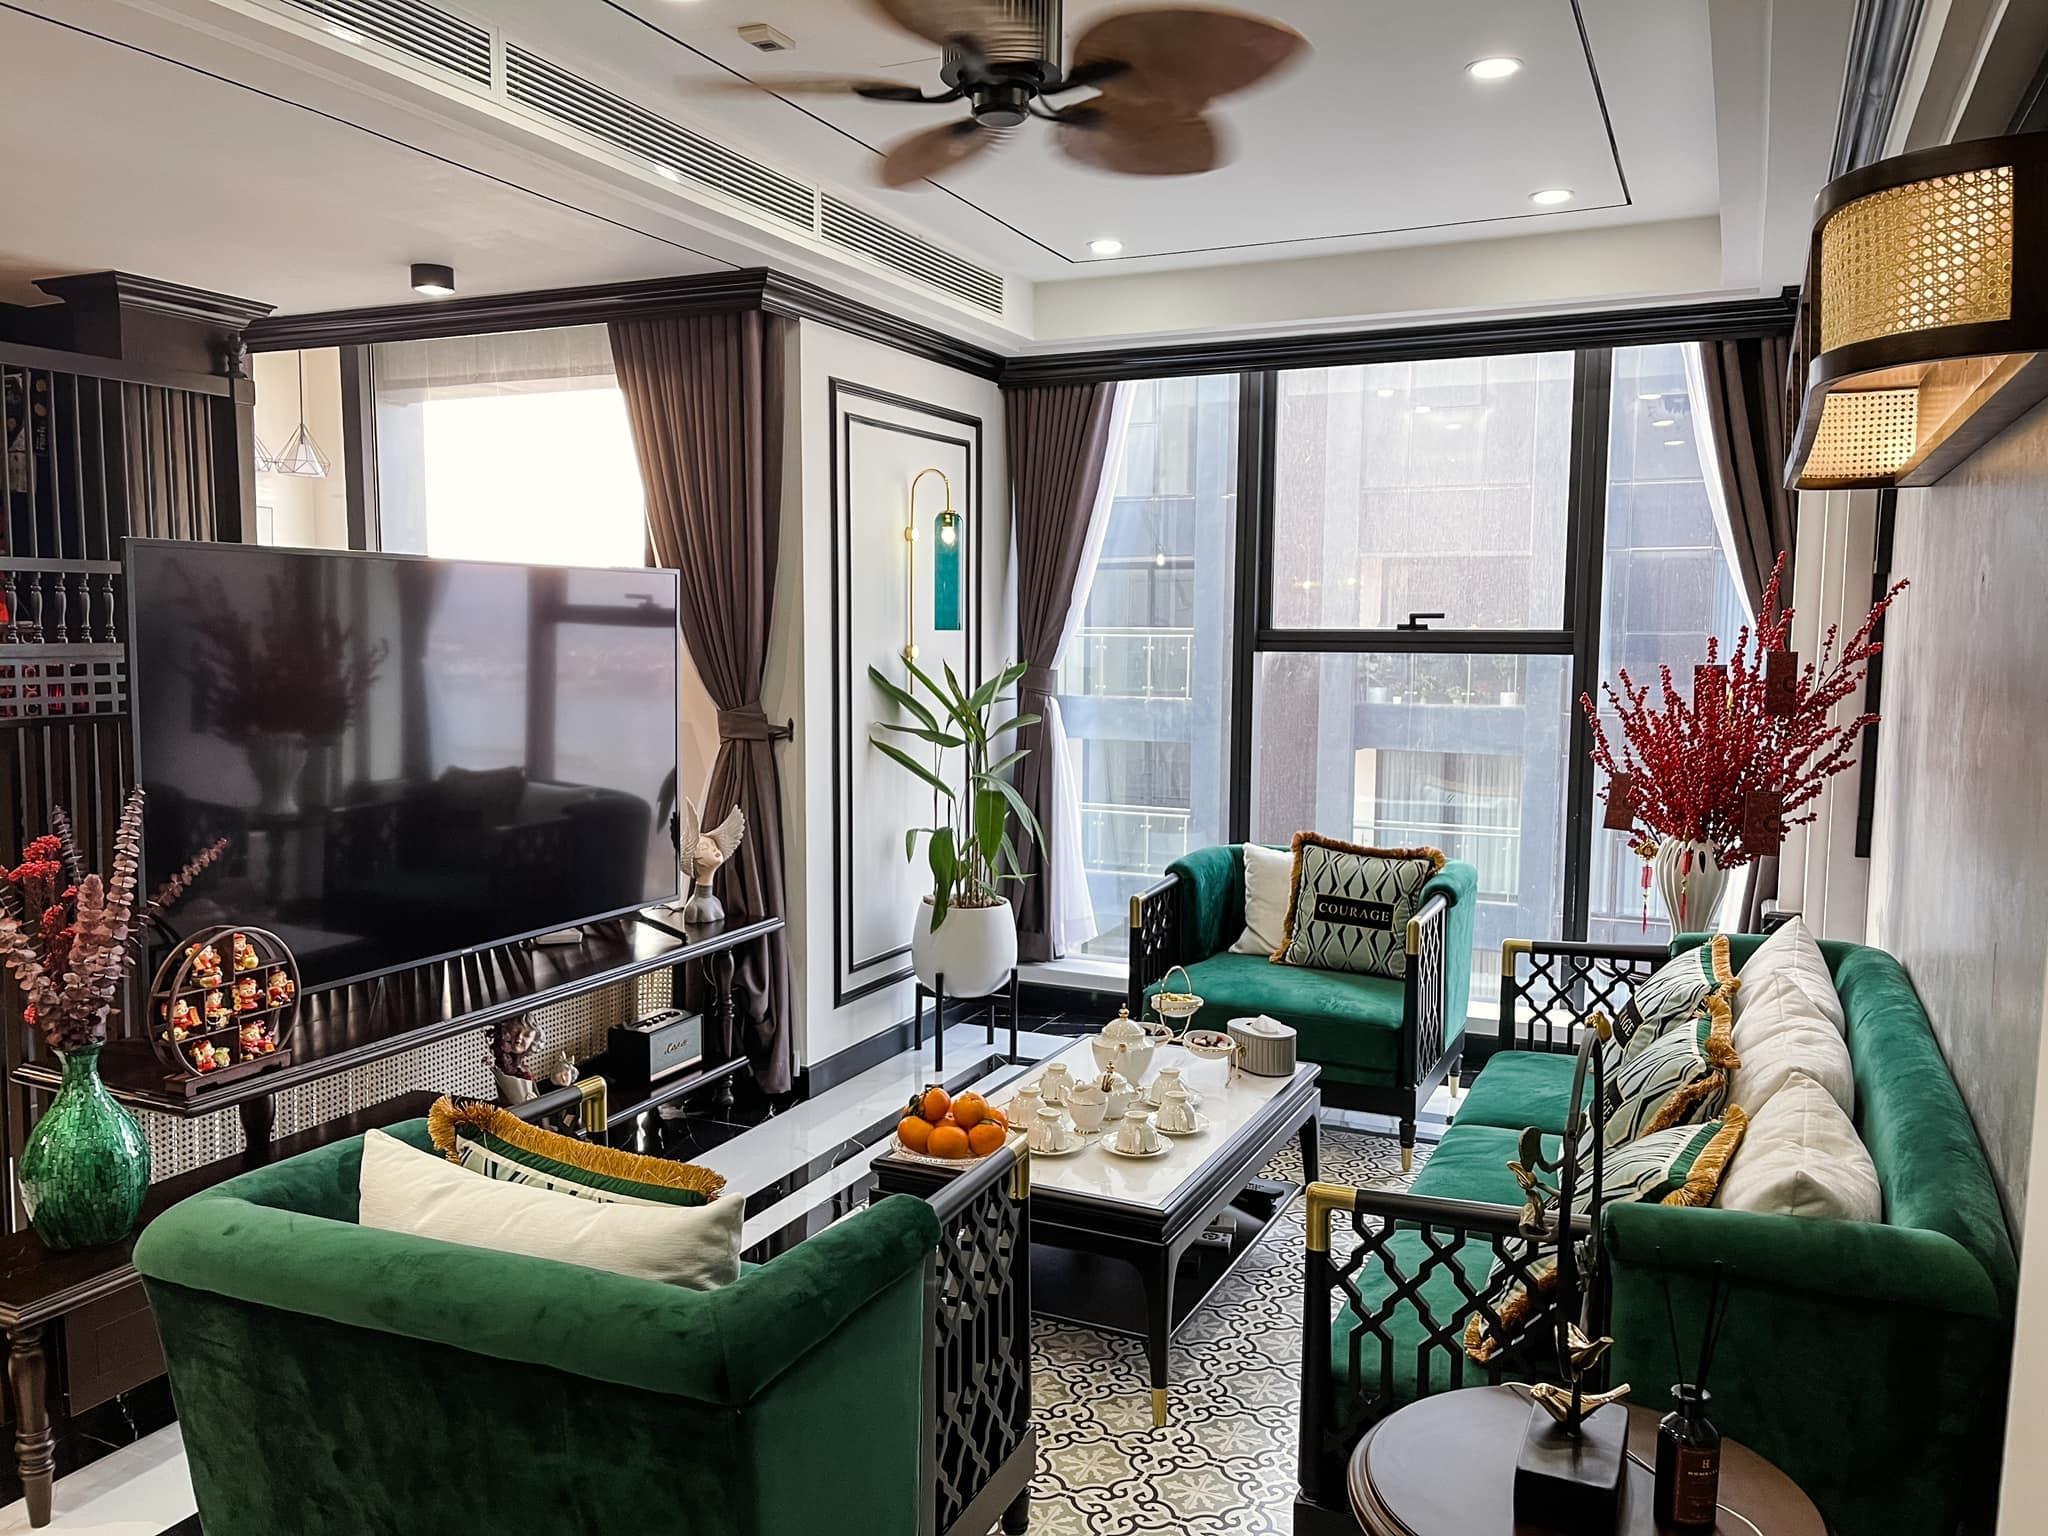 Phương Oanh 'Quỳnh búp bê' khoe nhà mới đẹp như khách sạn